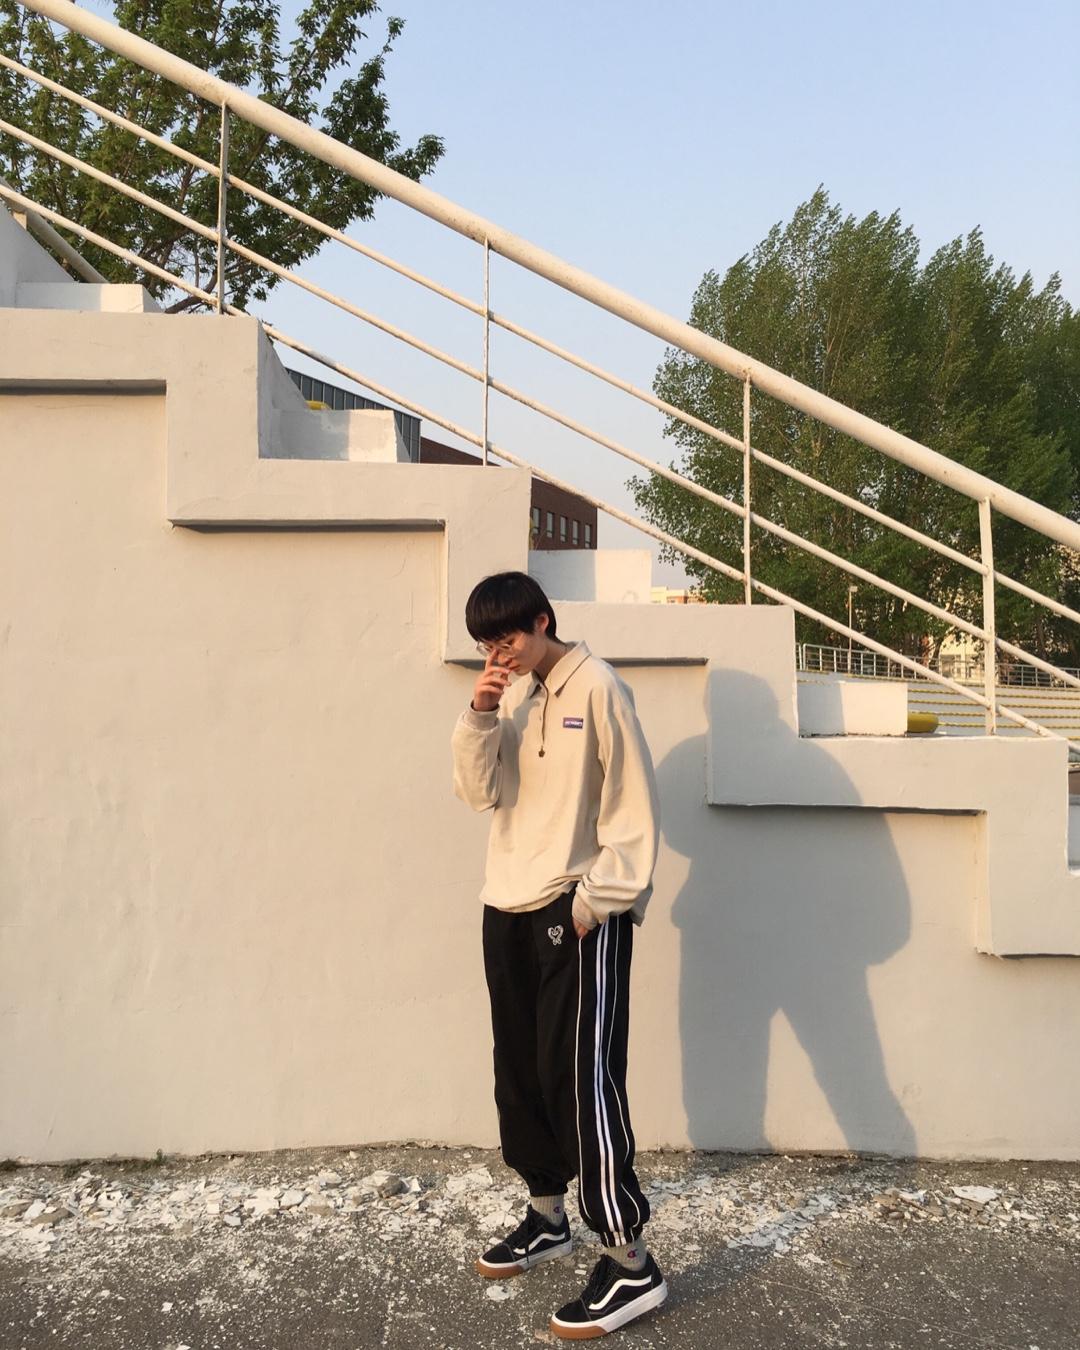 上衣👕灰色Polo衫 下身👖黑色运动裤 鞋子👟配同色系黑色经典款VANS 夏天来了 再不运动就晚了 校园运动穿搭又不失舒适好看#小粗腿干货!夏日漂酿请看我#